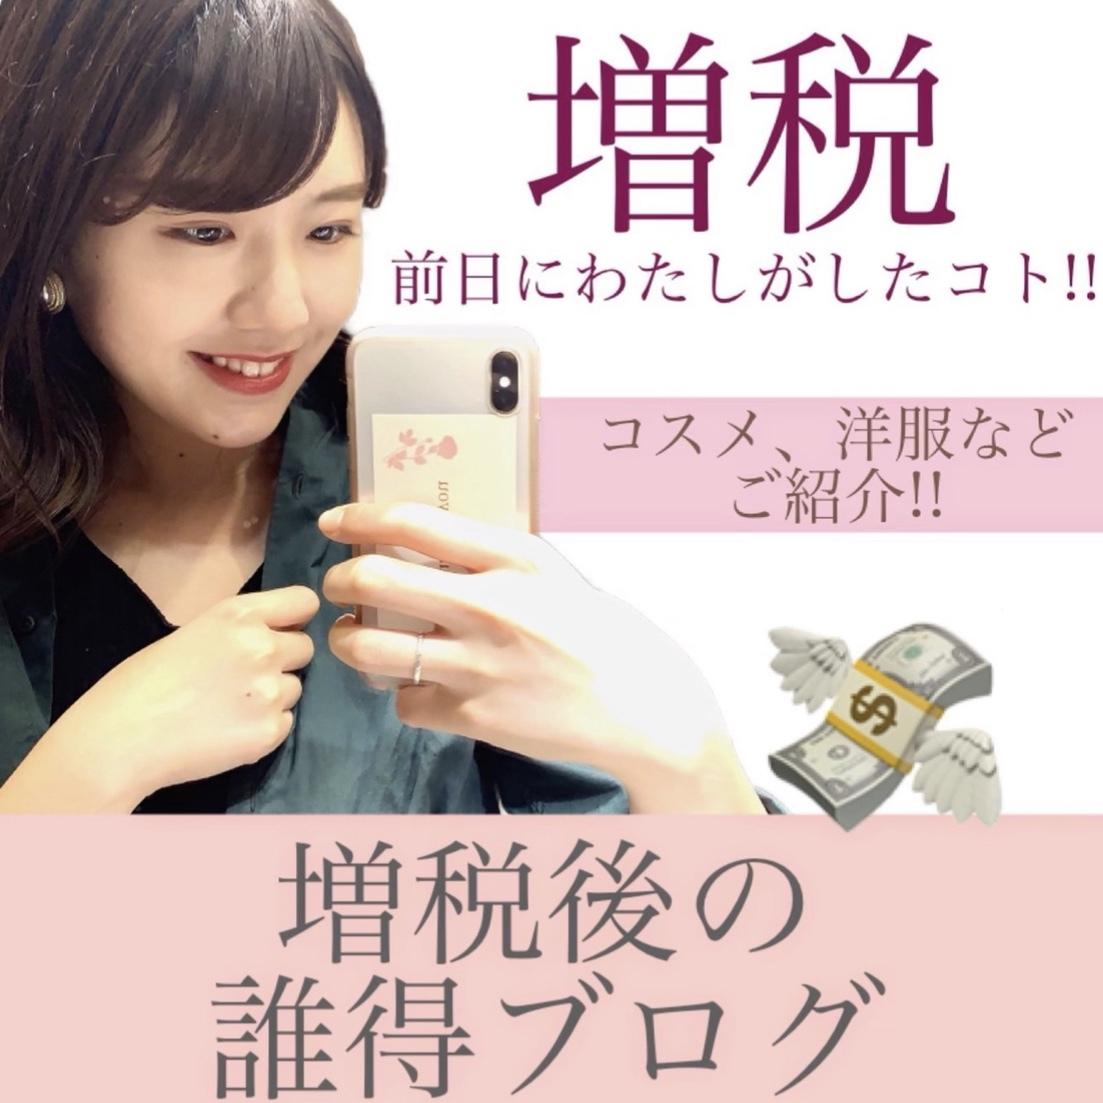 【購入品】今日から増税!!ラストショッピングで買ったもの!!_1_1